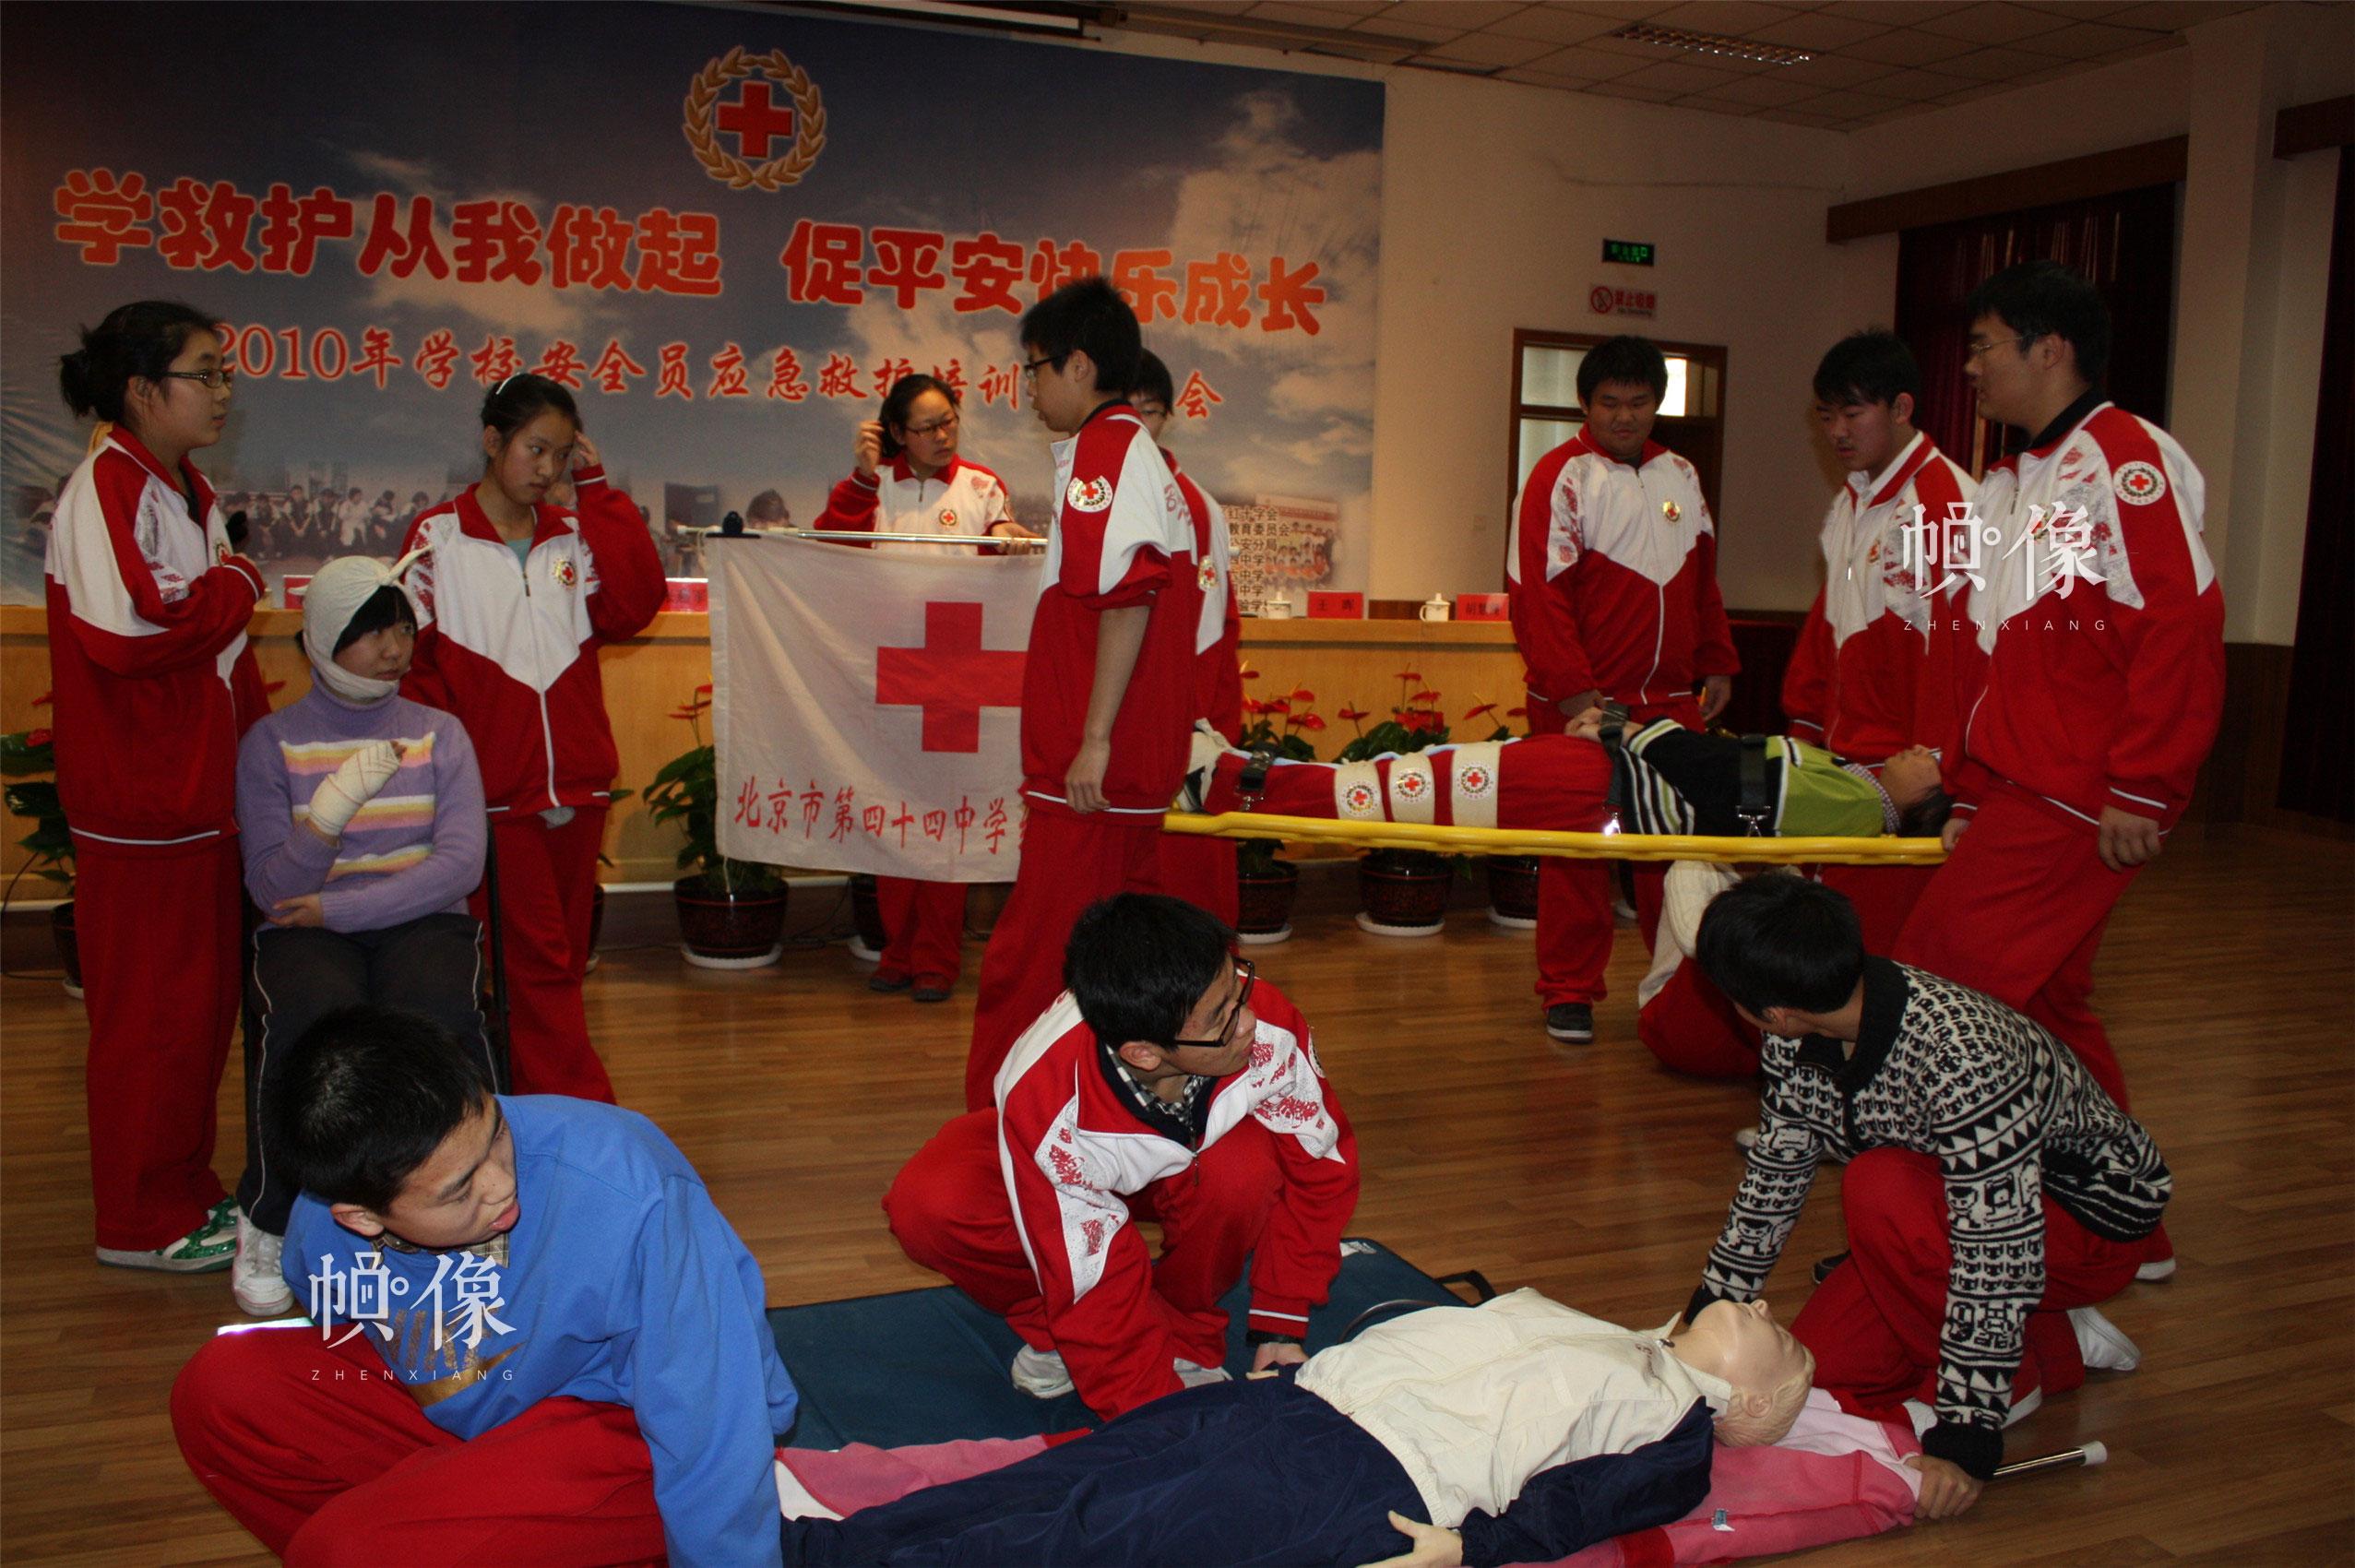 2010年12月14日,西城區紅十字會為全區中小學學生安全員進行應急救護培訓。圖為西城區44中學生進行救護技能演練。(西城區紅十字會供圖)